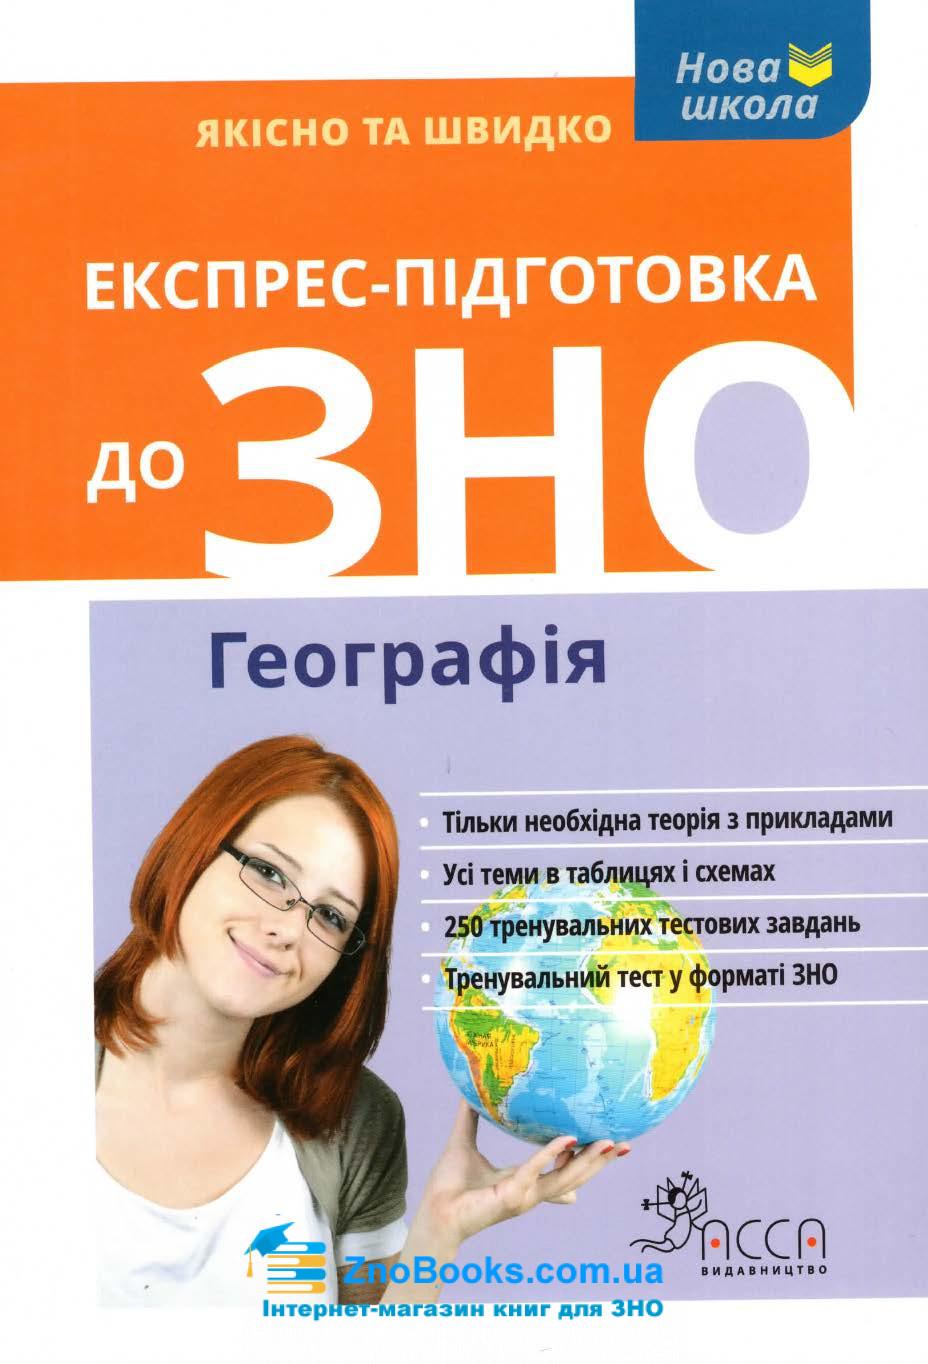 Експрес-підготовка з географії до ЗНО. Асса купити 0